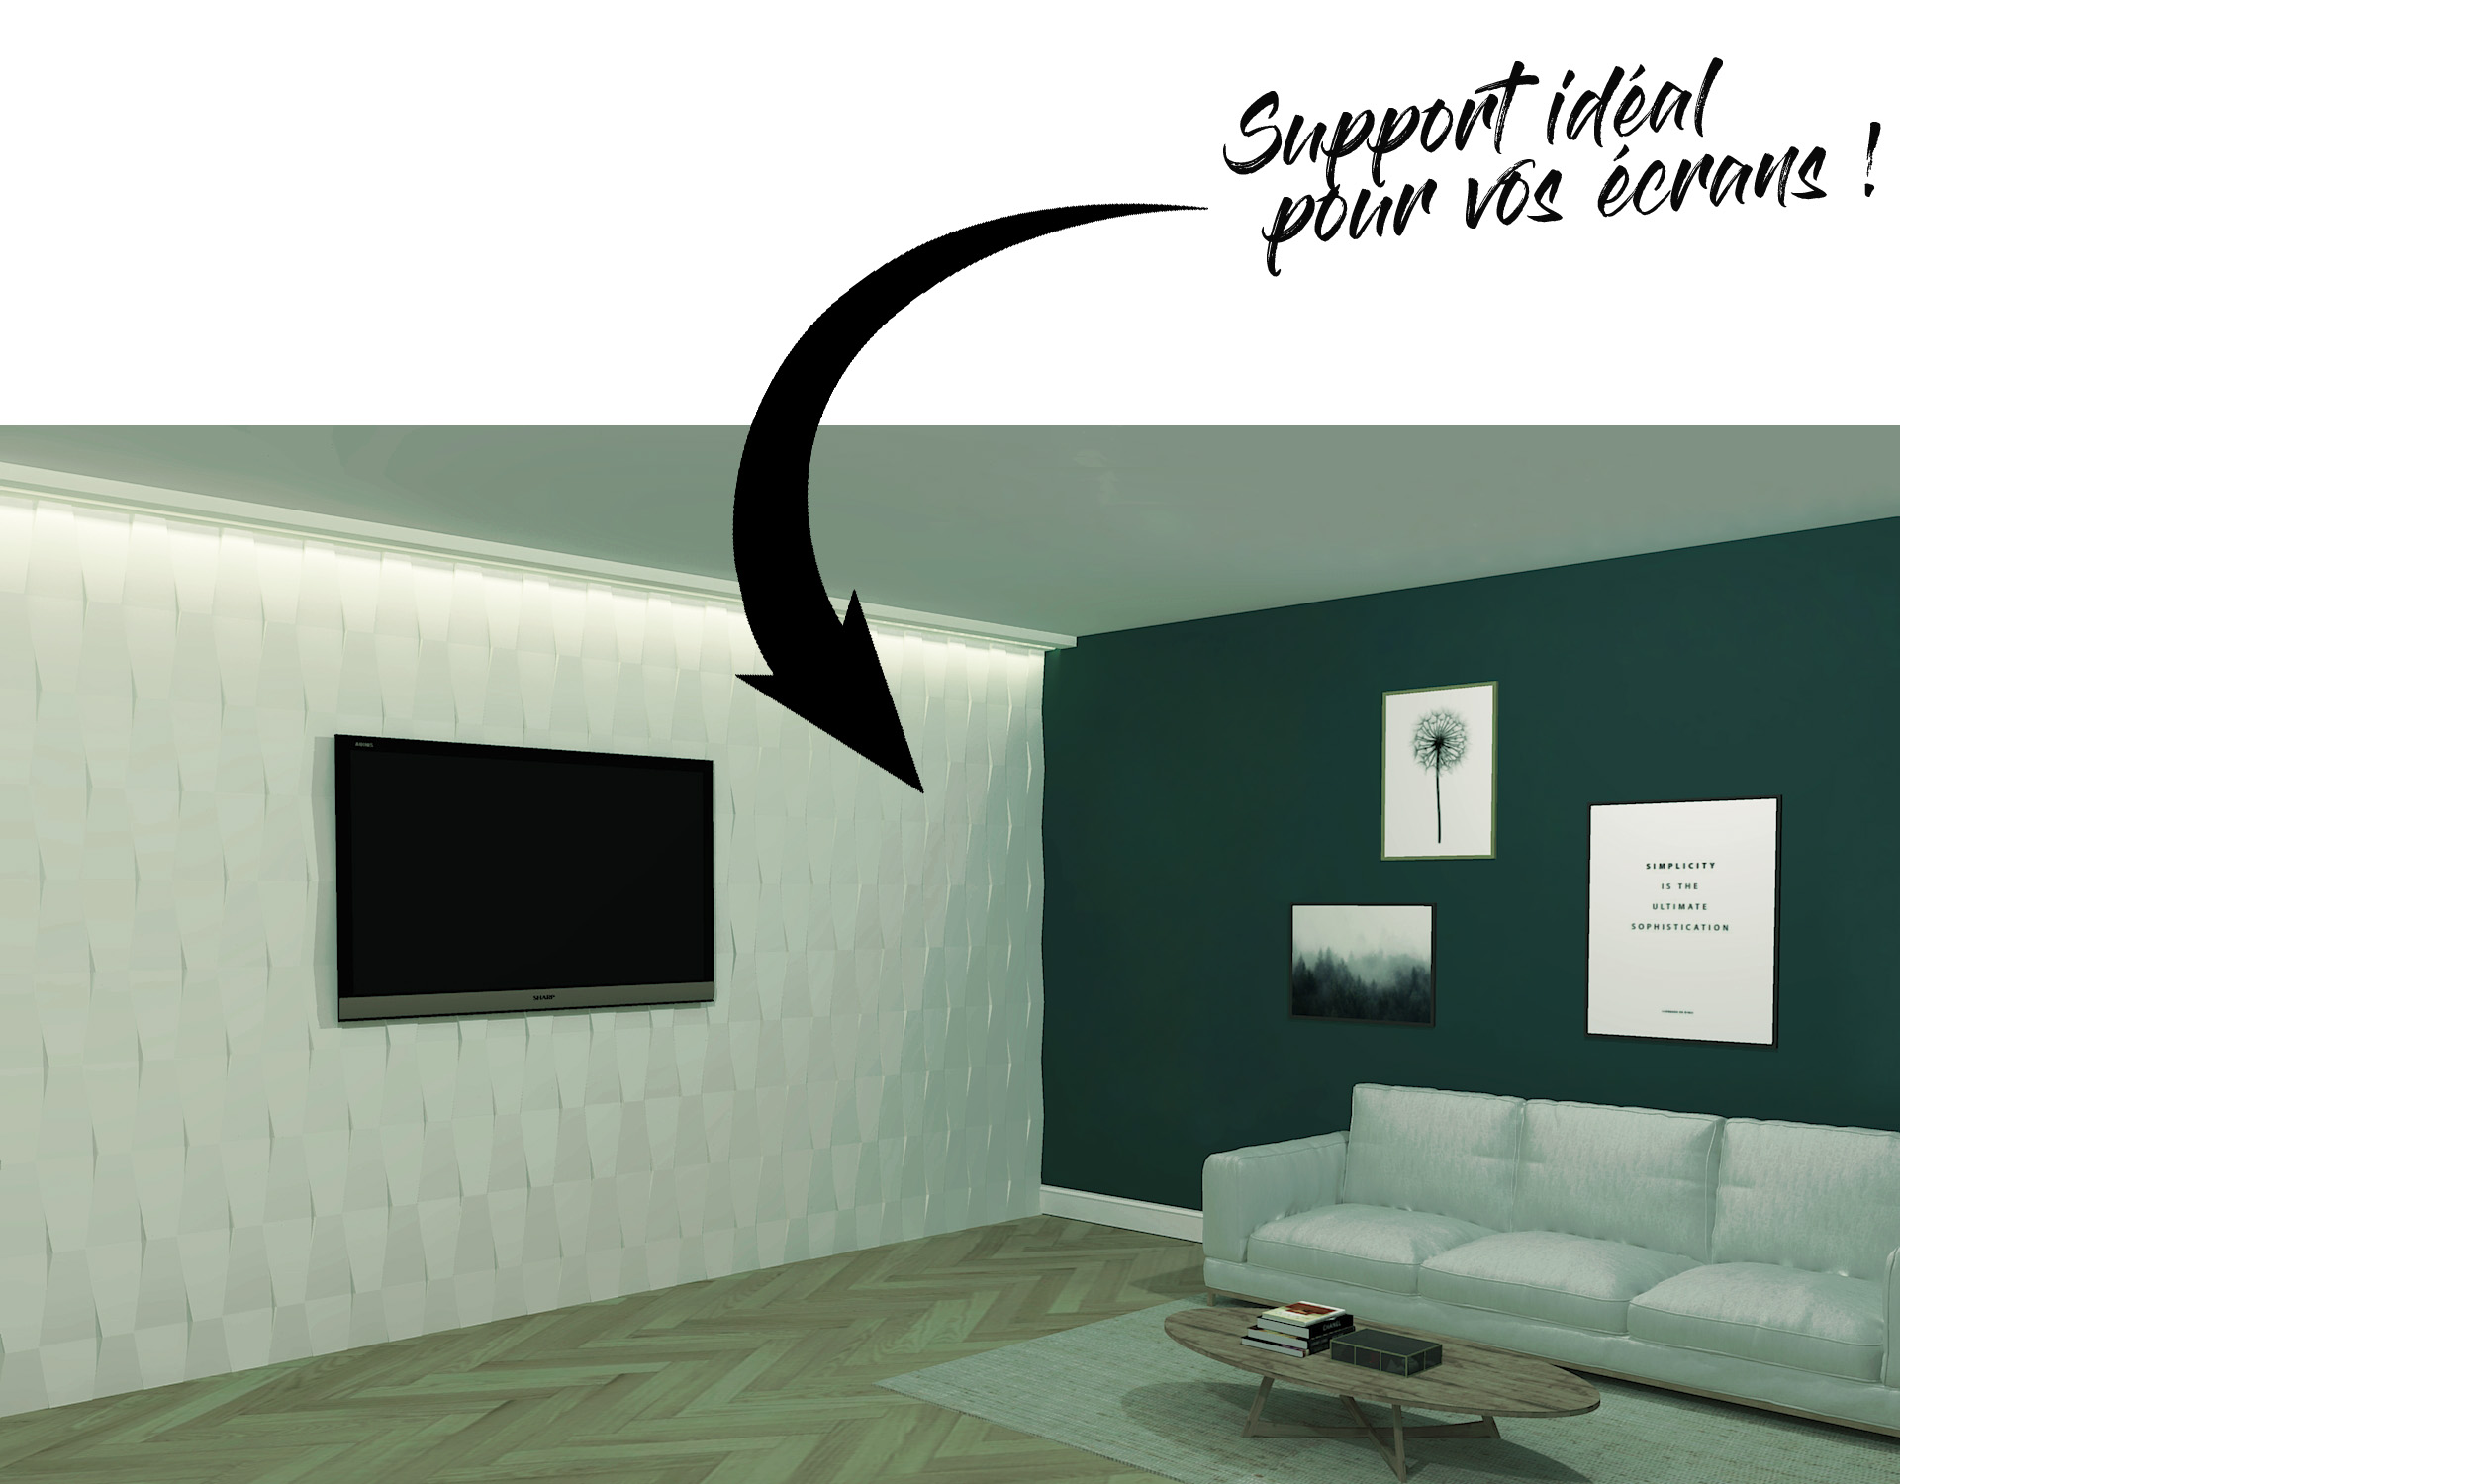 Panneau Mural Derriere Tv l'habillage mural ? mais pourquoi ? - staff decor